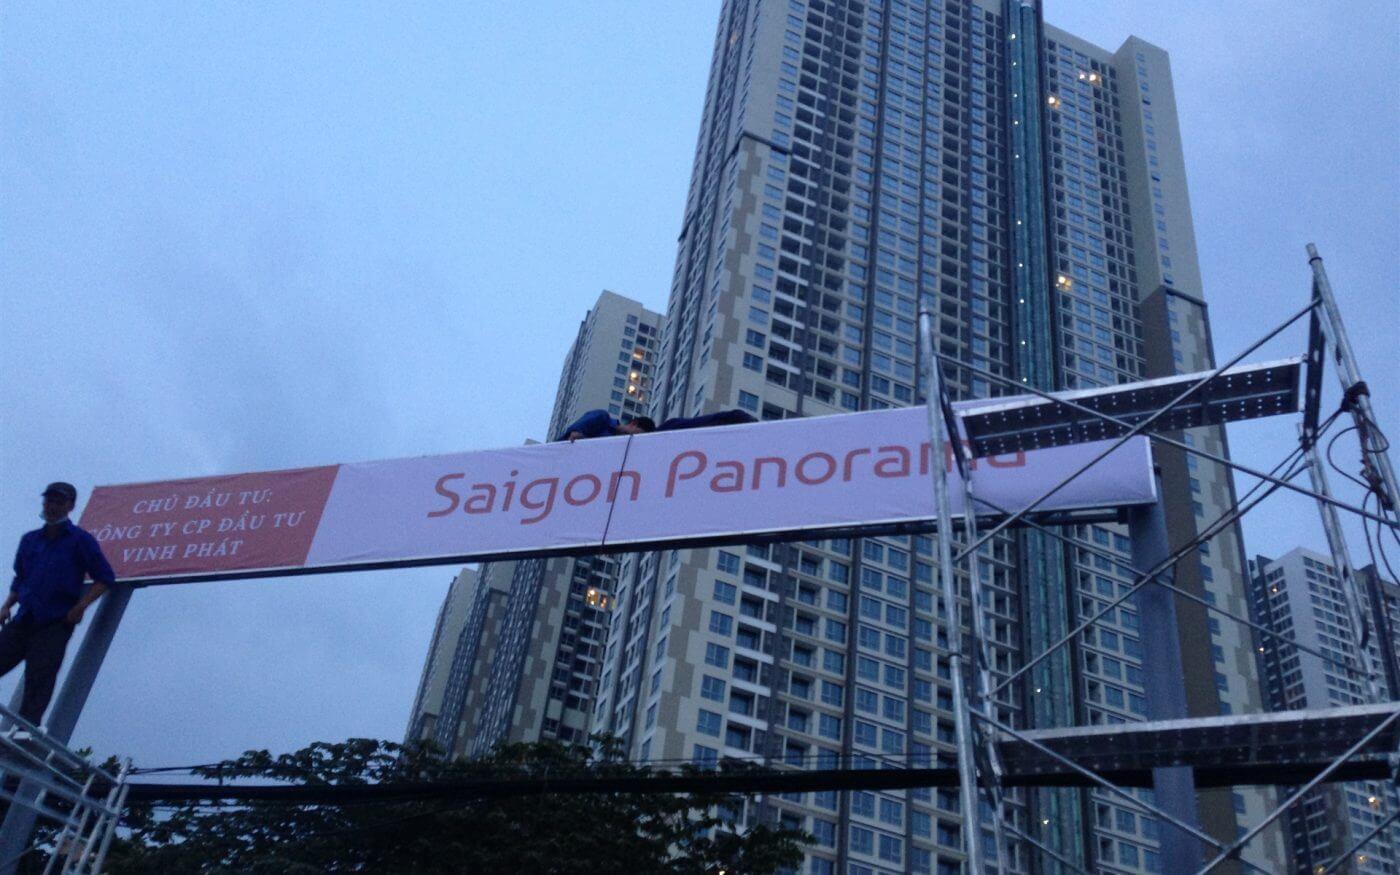 Dự án Saigon Panorama Bình Thạnh